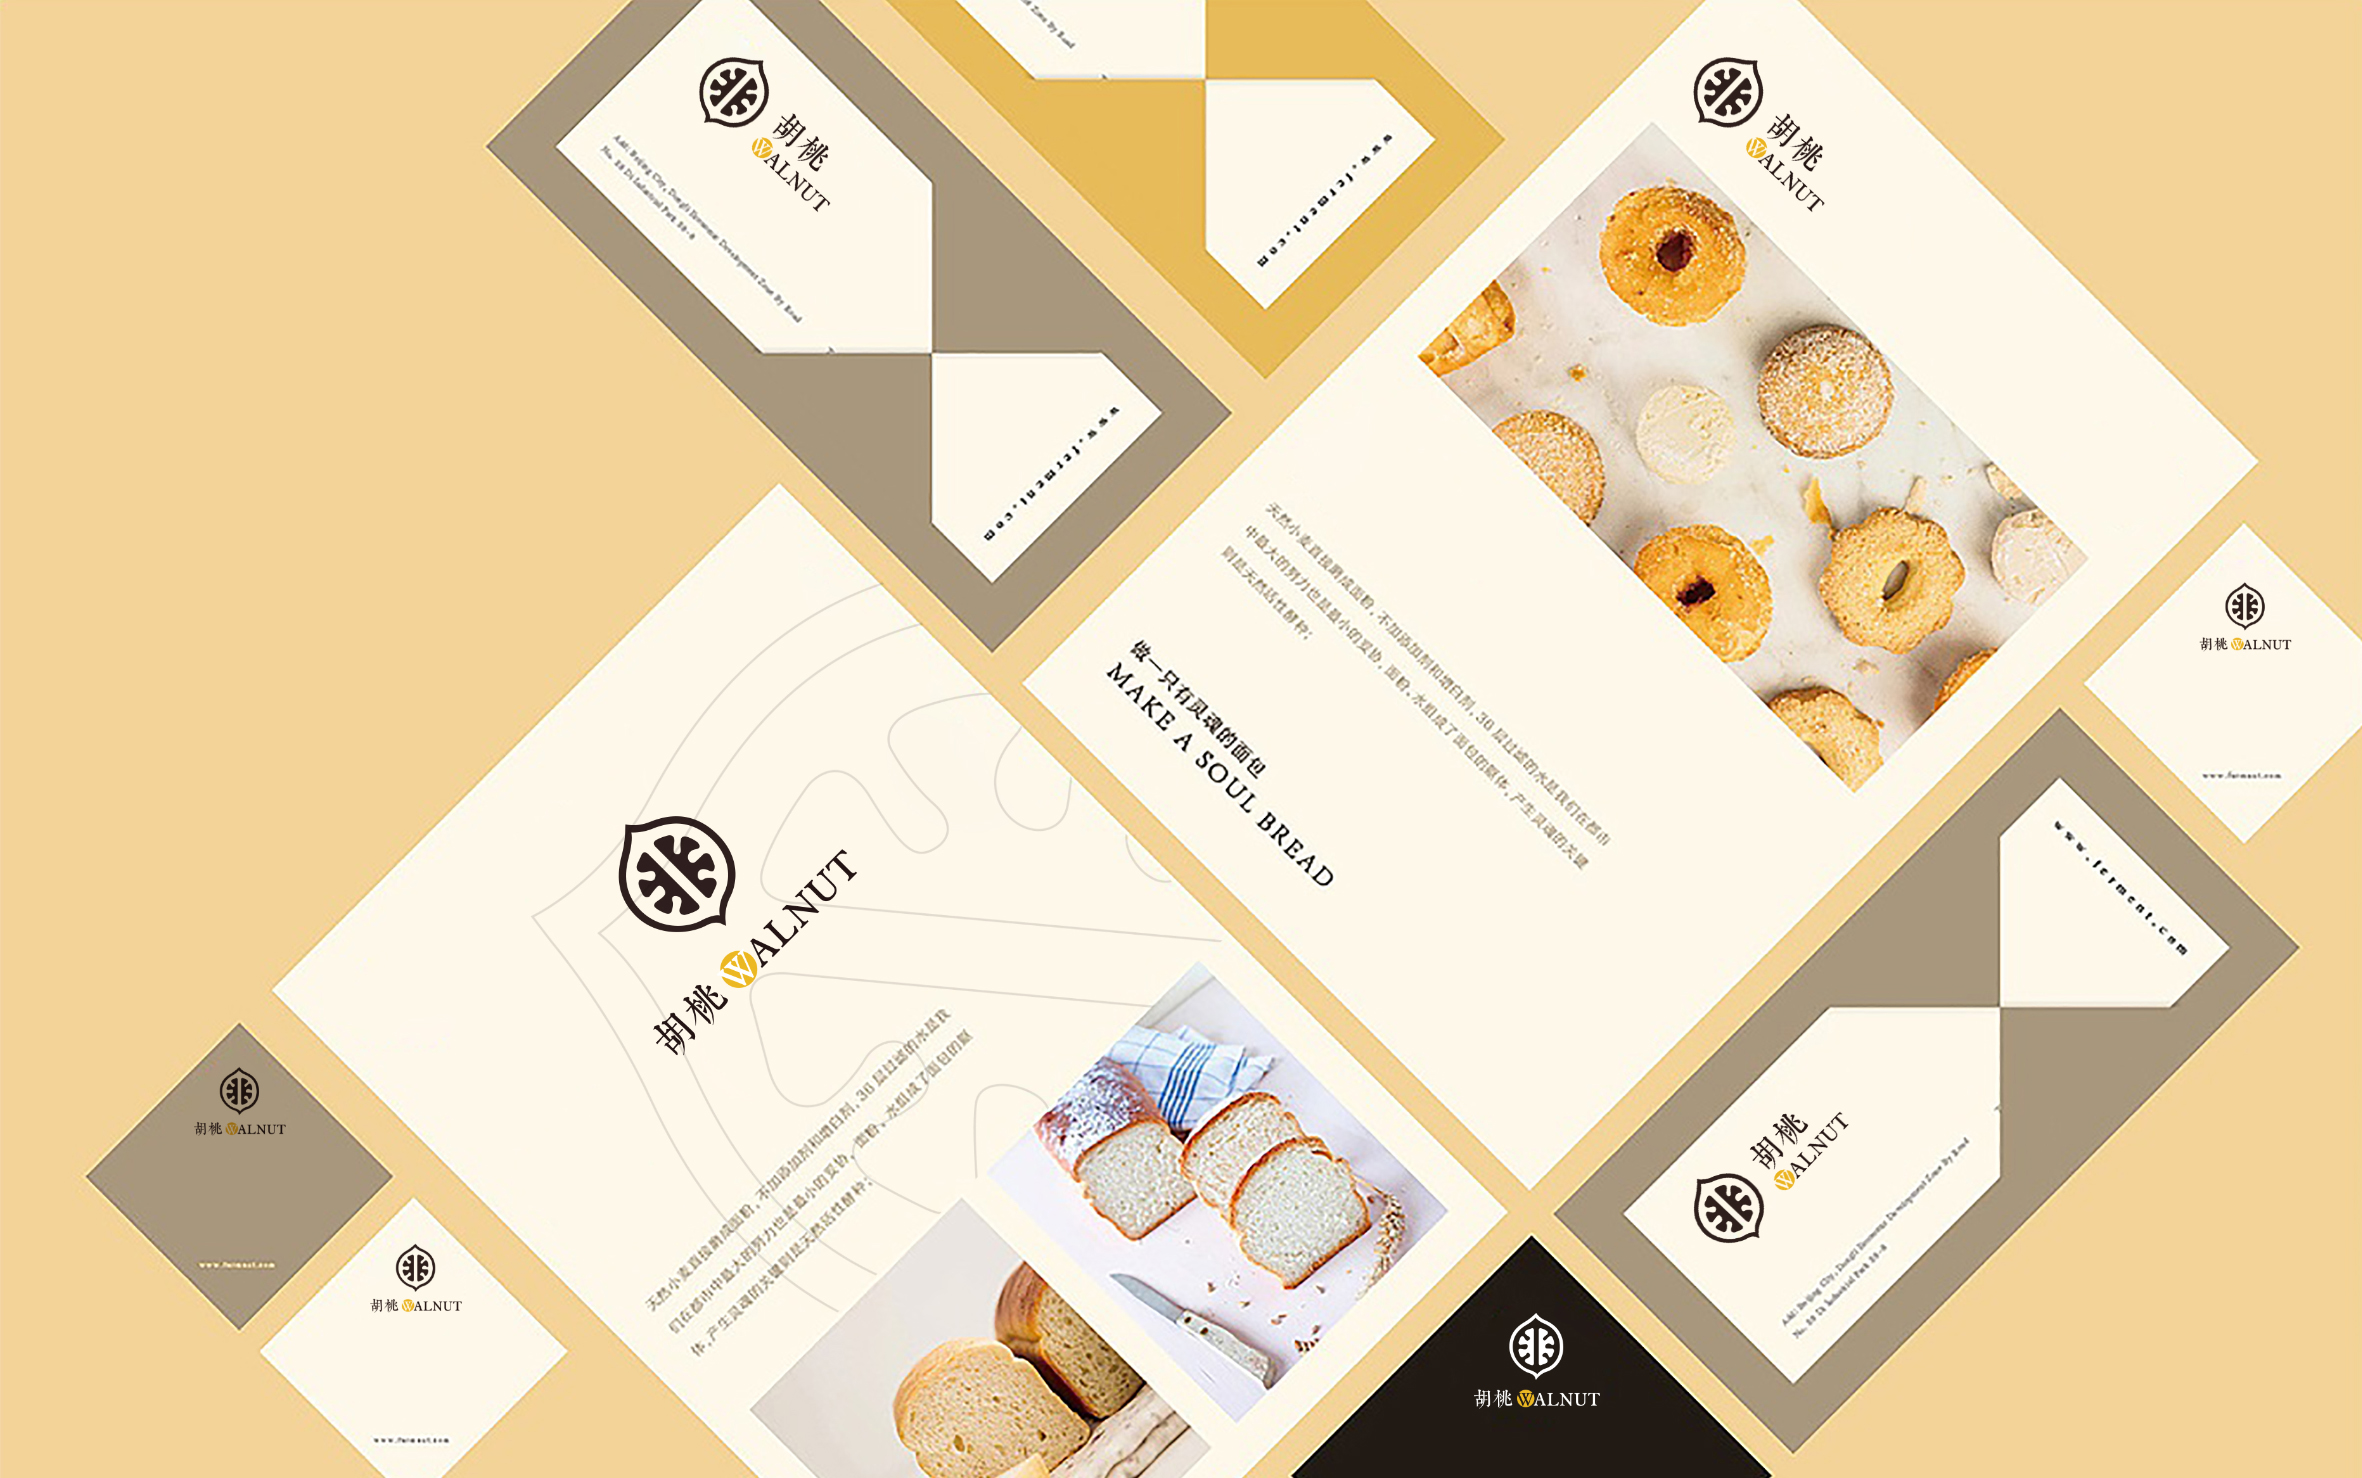 vi设计企业VI食品VI应用VI基础餐饮办公金融娱乐地产医药